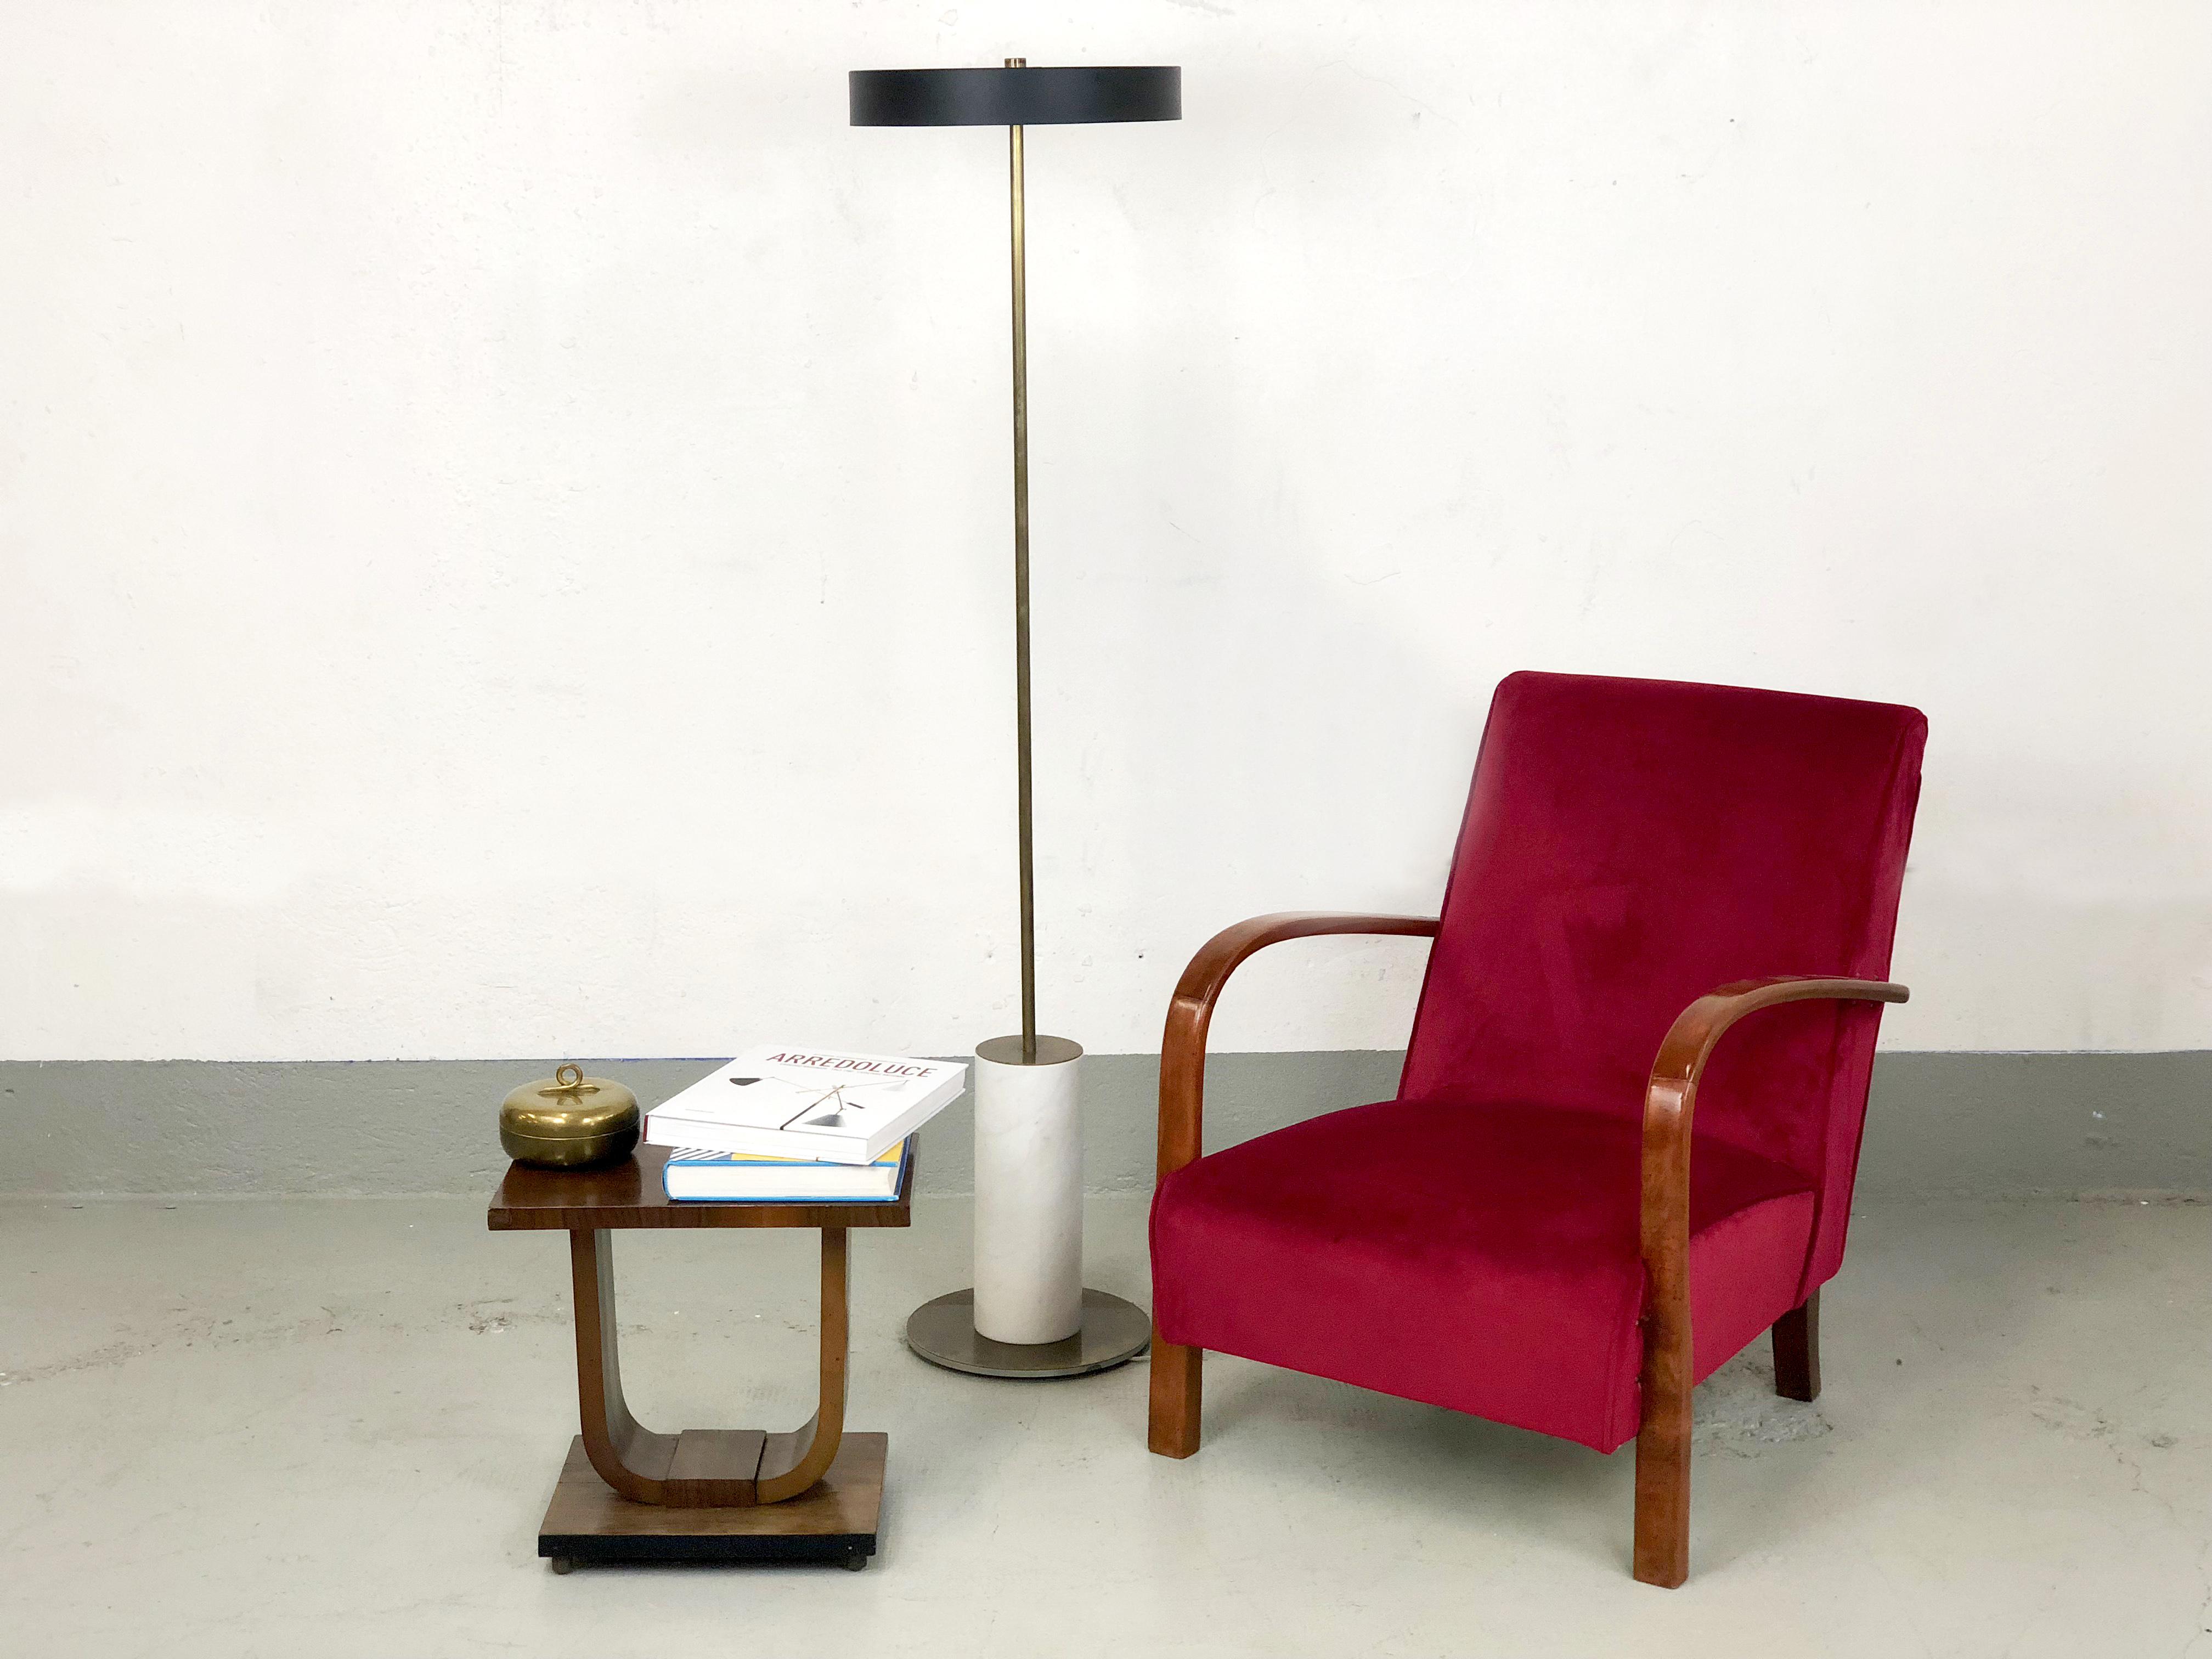 Lampada da Terra design contemporaneo ottone - Ltwid